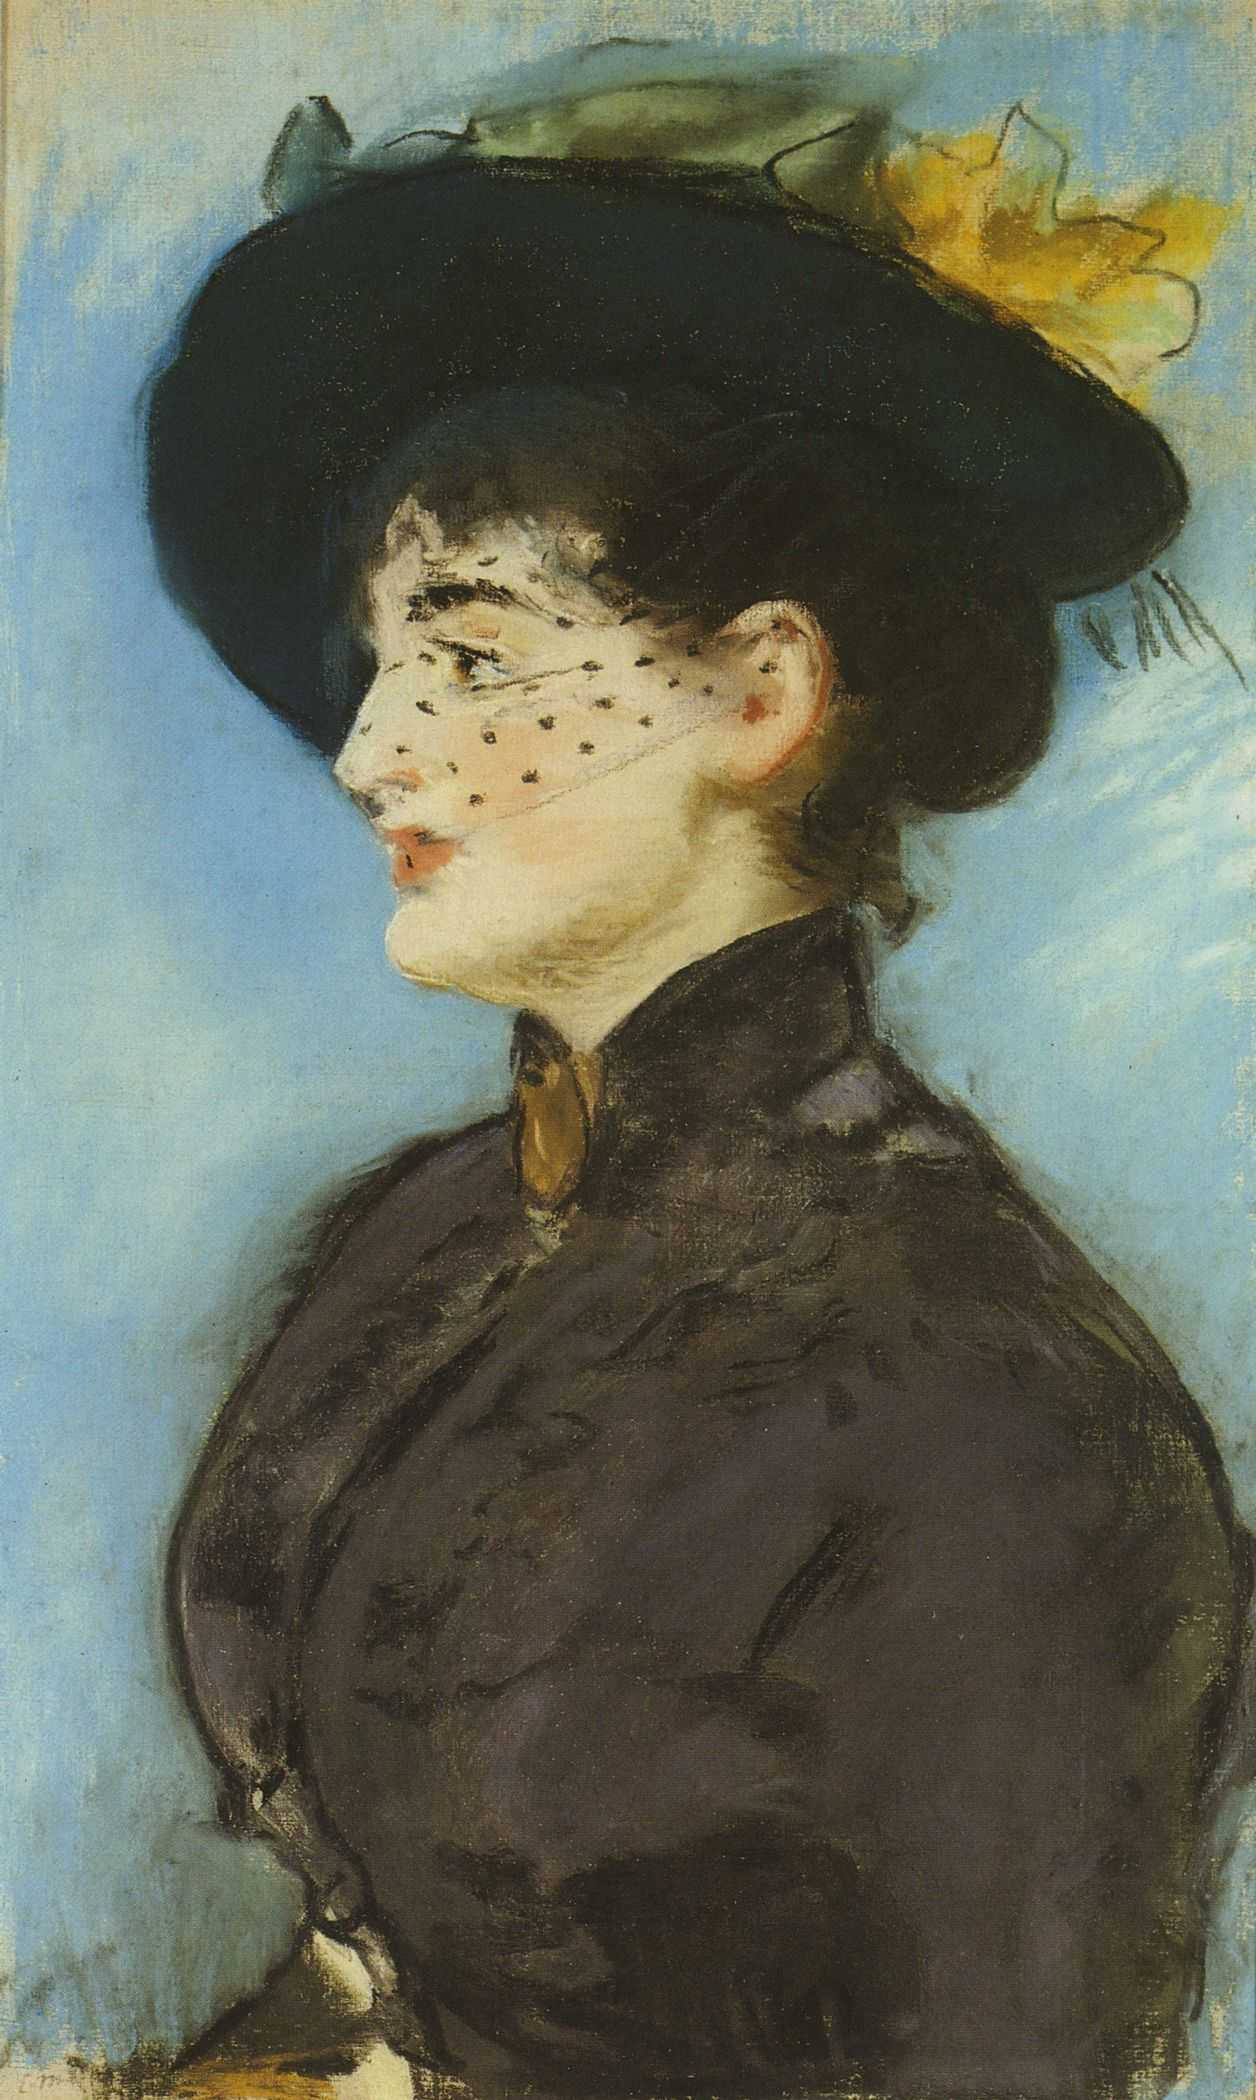 Édouard Manet - La Viennoise Irma Brunner (P79)